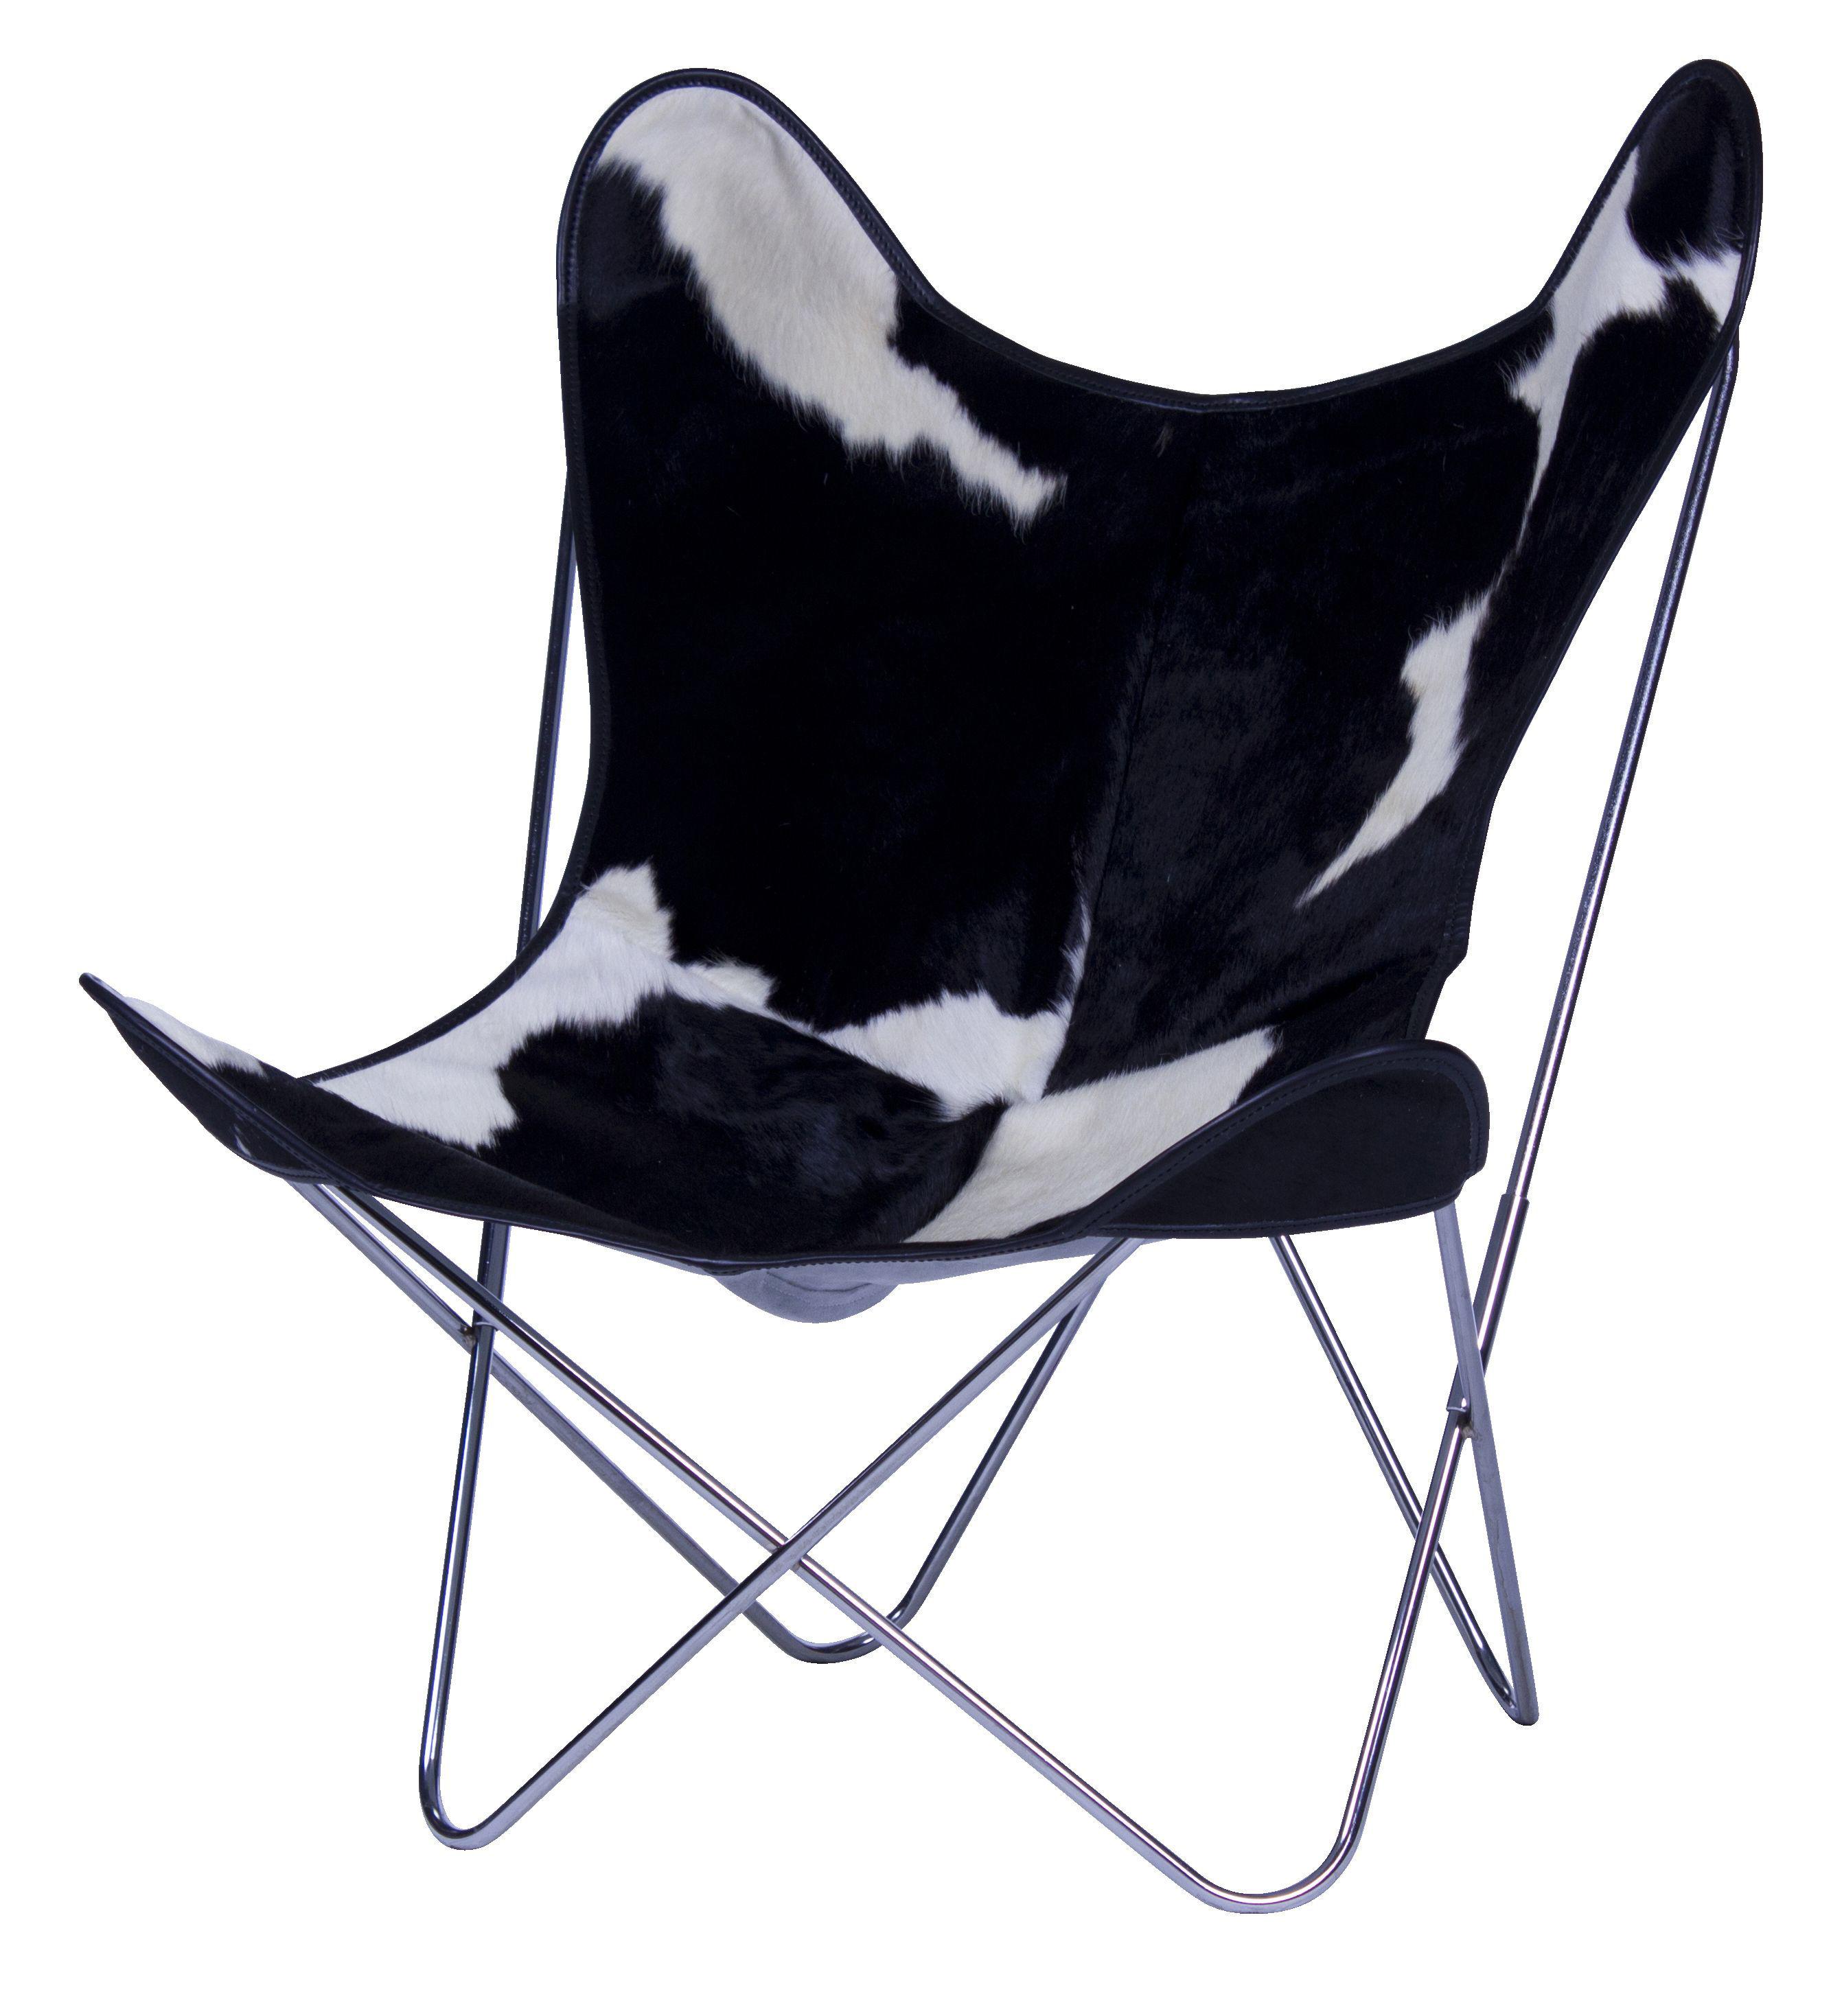 Mobilier - Fauteuils - Fauteuil AA Butterfly / Peau de vache - AA-New Design - Noir & blanc / Structure chromée - Acier chromé, Peau